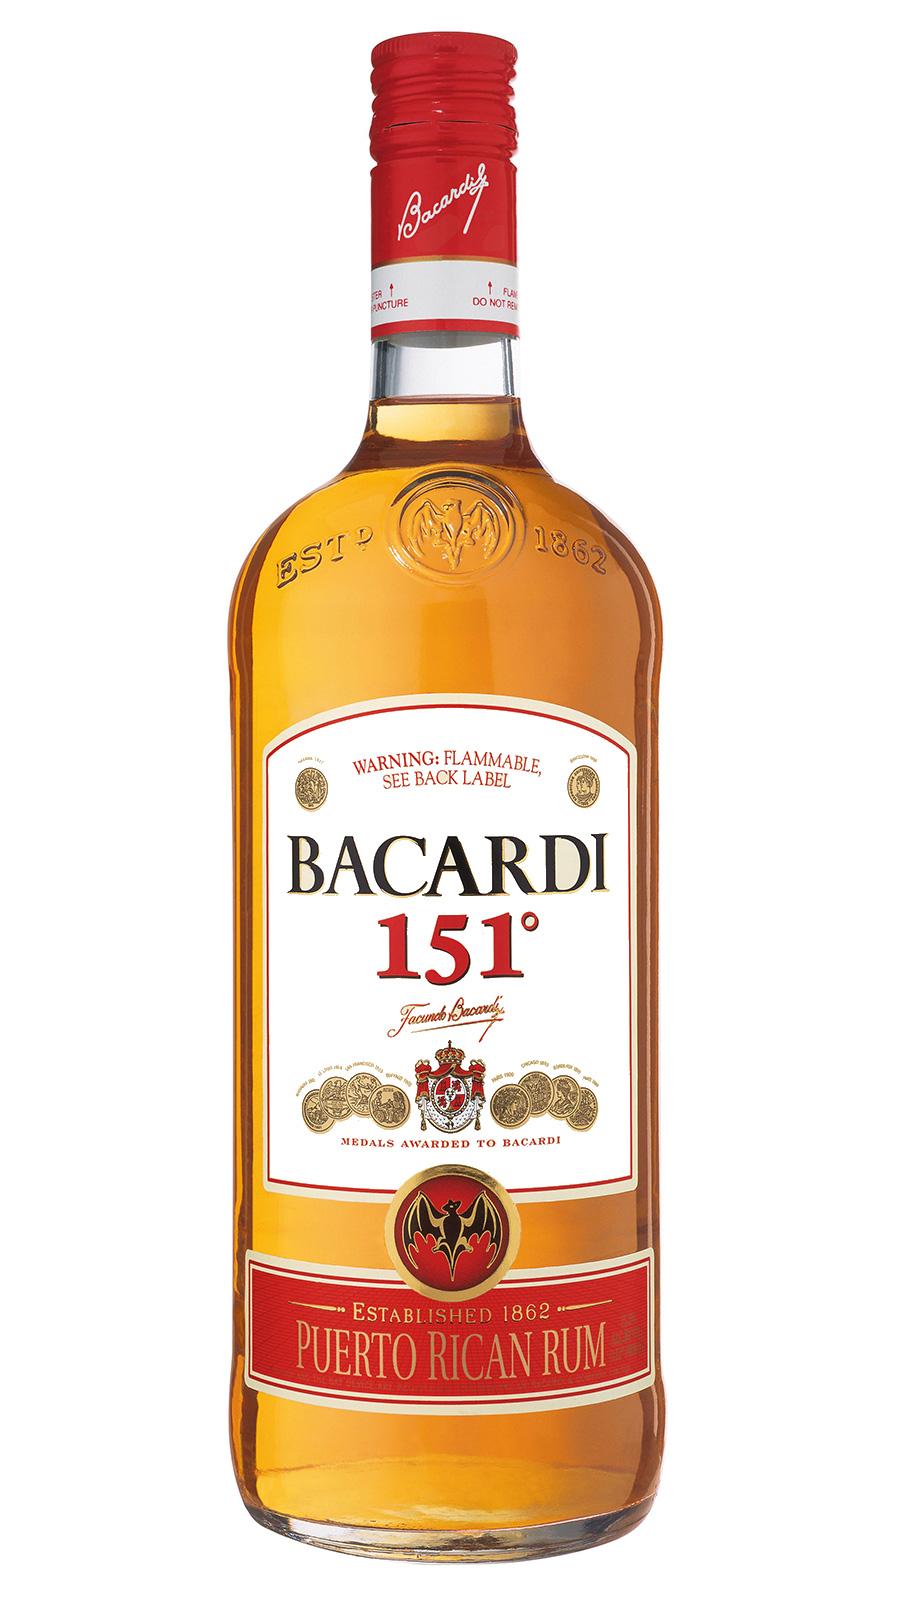 151 bacardi rum and kush 7